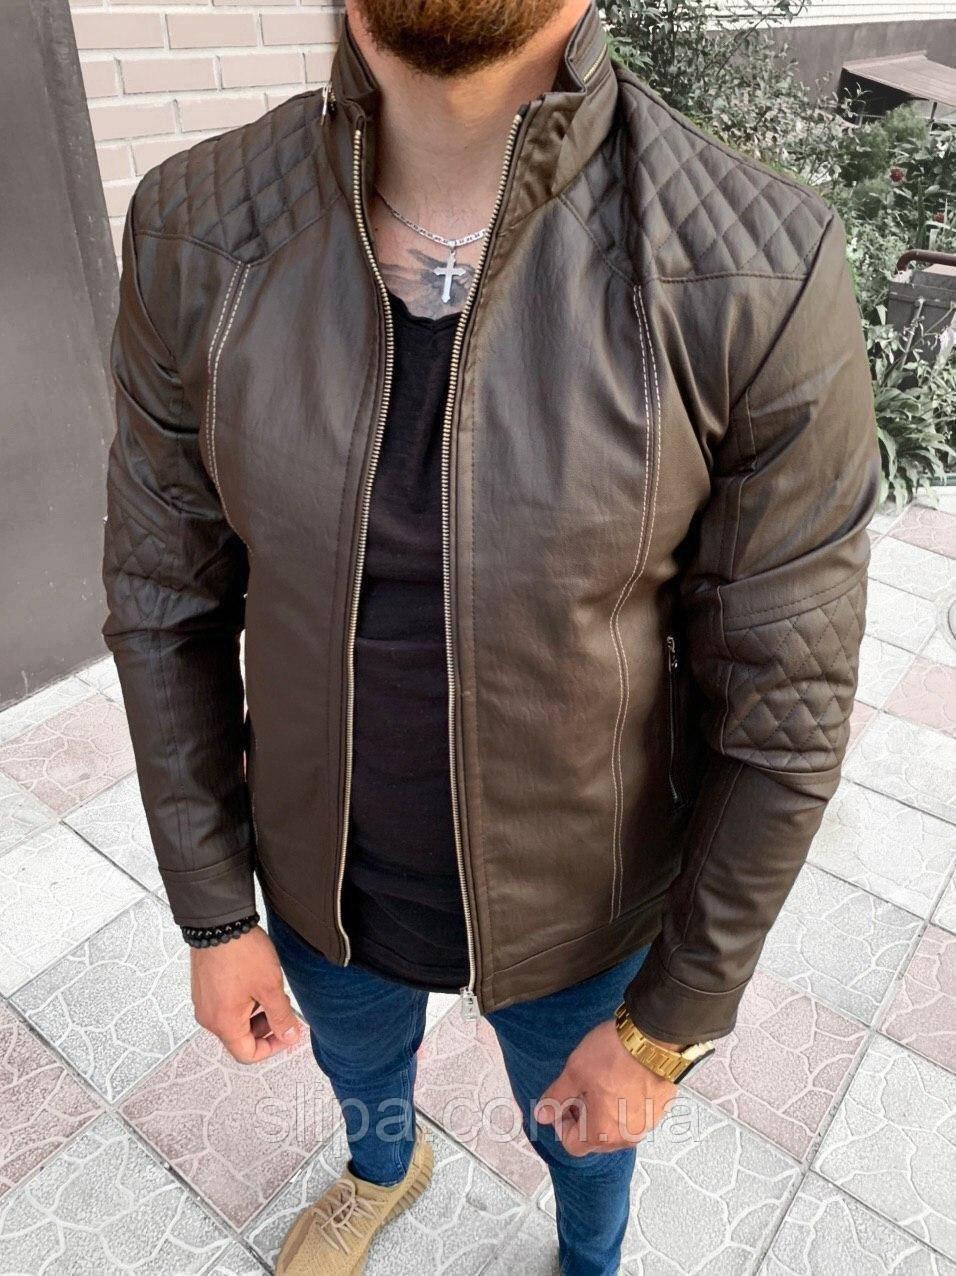 Чоловіча шкіряна куртка темно-коричнева ( фліс )